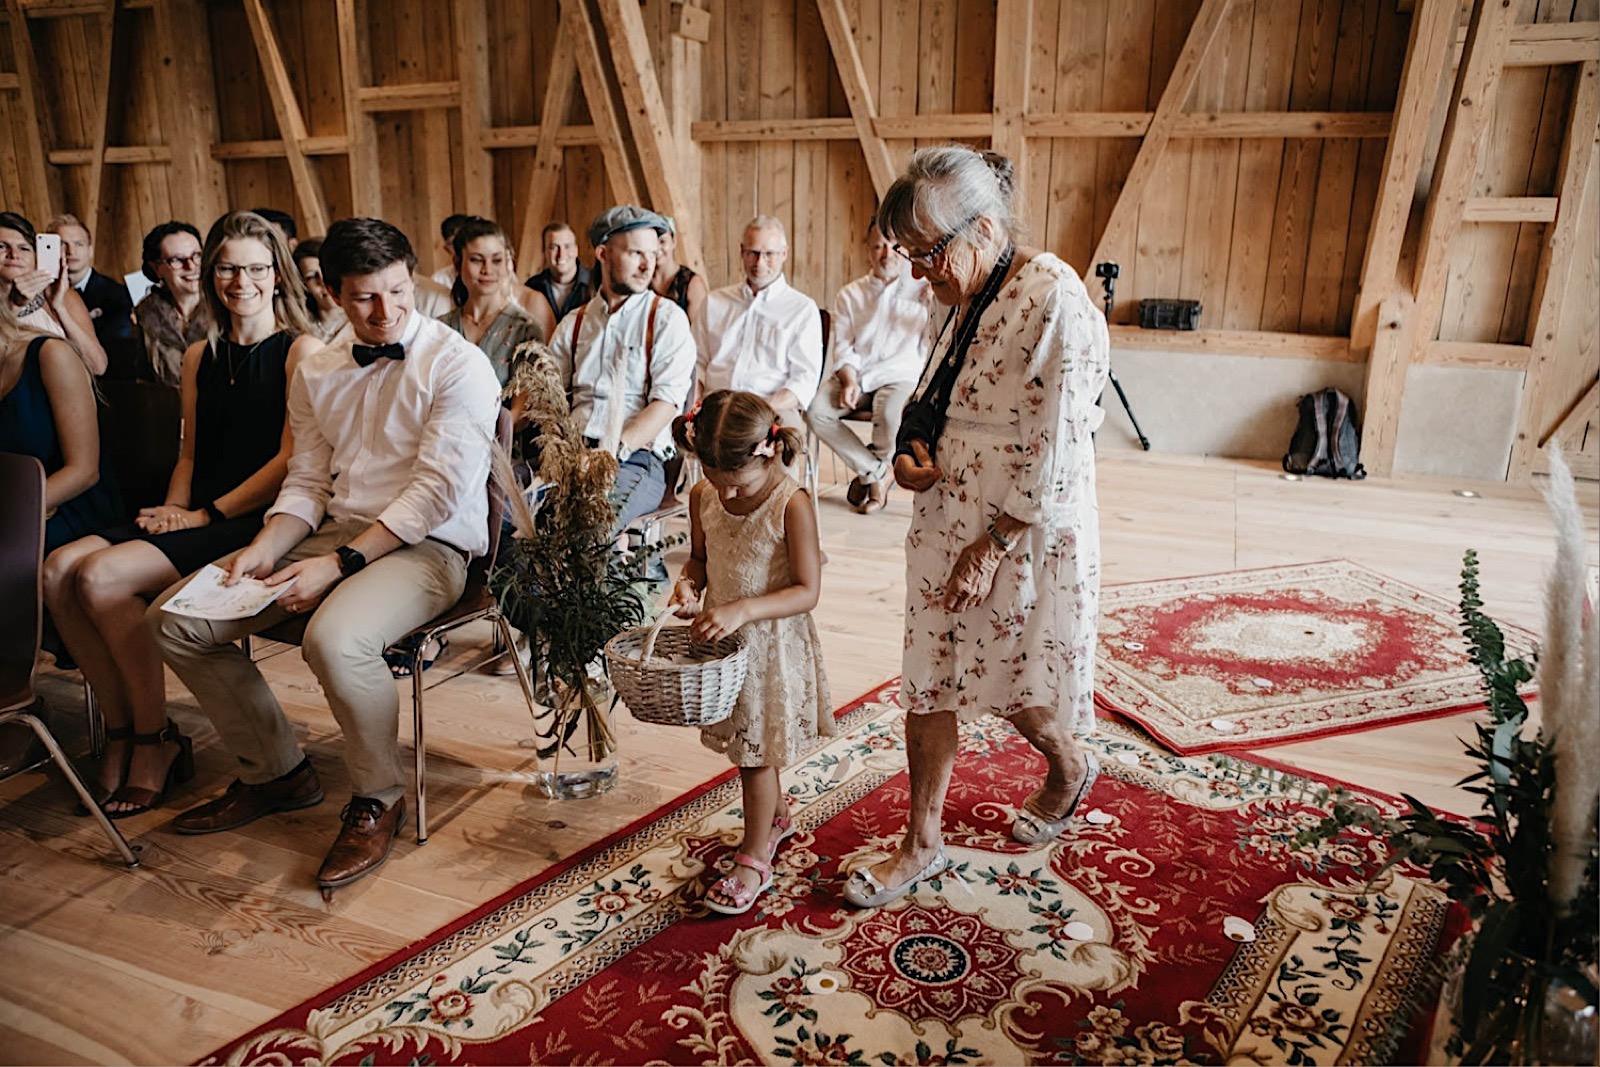 38_bohowedding_ceremony_intimate_wedding (11 von 39).jpg